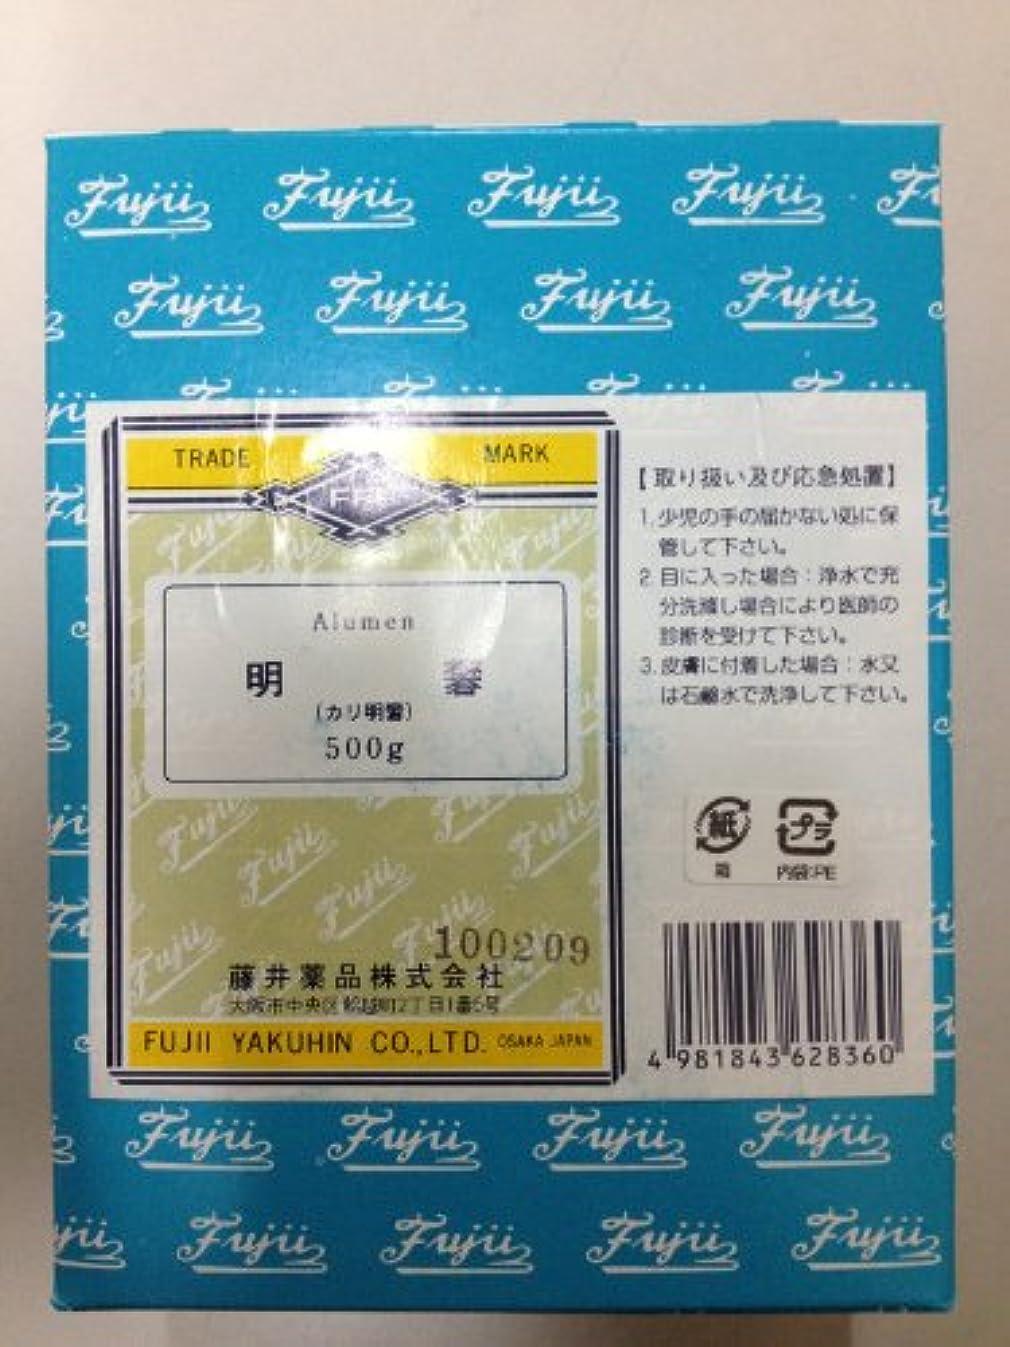 息子葉っぱ進化するカリ明礬500g 藤井薬品